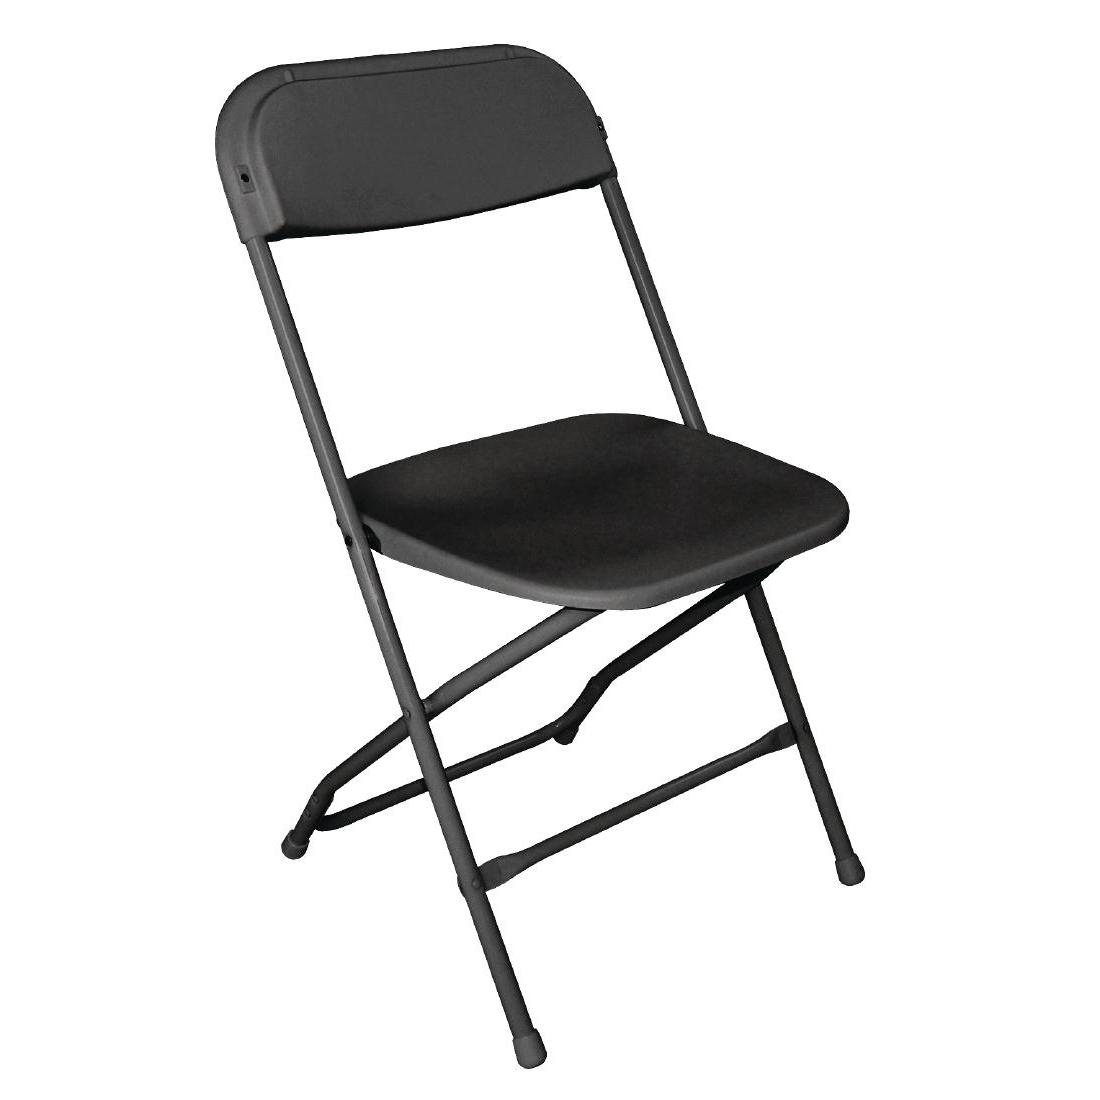 outdoor stuhl krista 205st schwarz klappbar g nstig. Black Bedroom Furniture Sets. Home Design Ideas